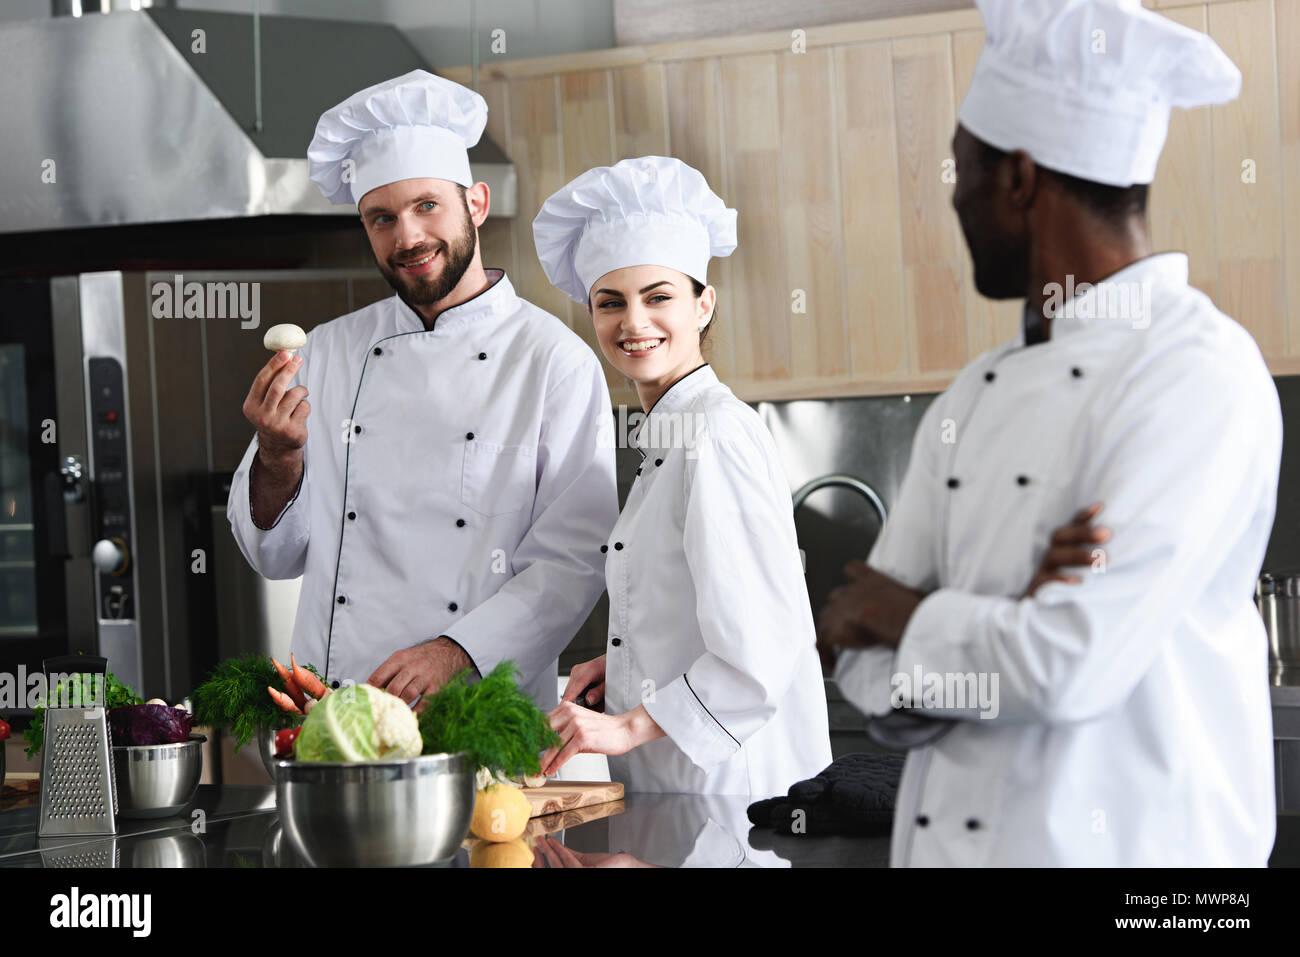 Équipe de cuisiniers multiraciale choisissant sur ingrédients de cuisine cuisine moderne Photo Stock